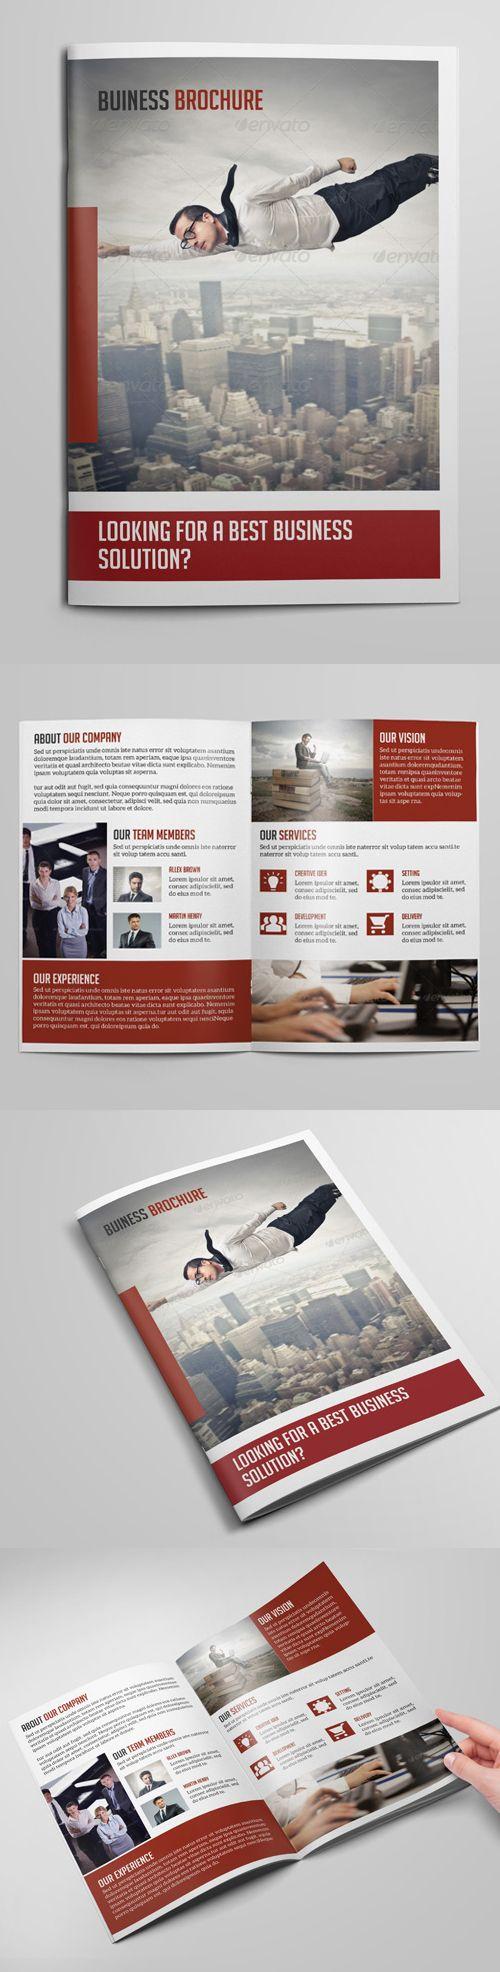 Corporate Bi- Fold Business Brochure Design